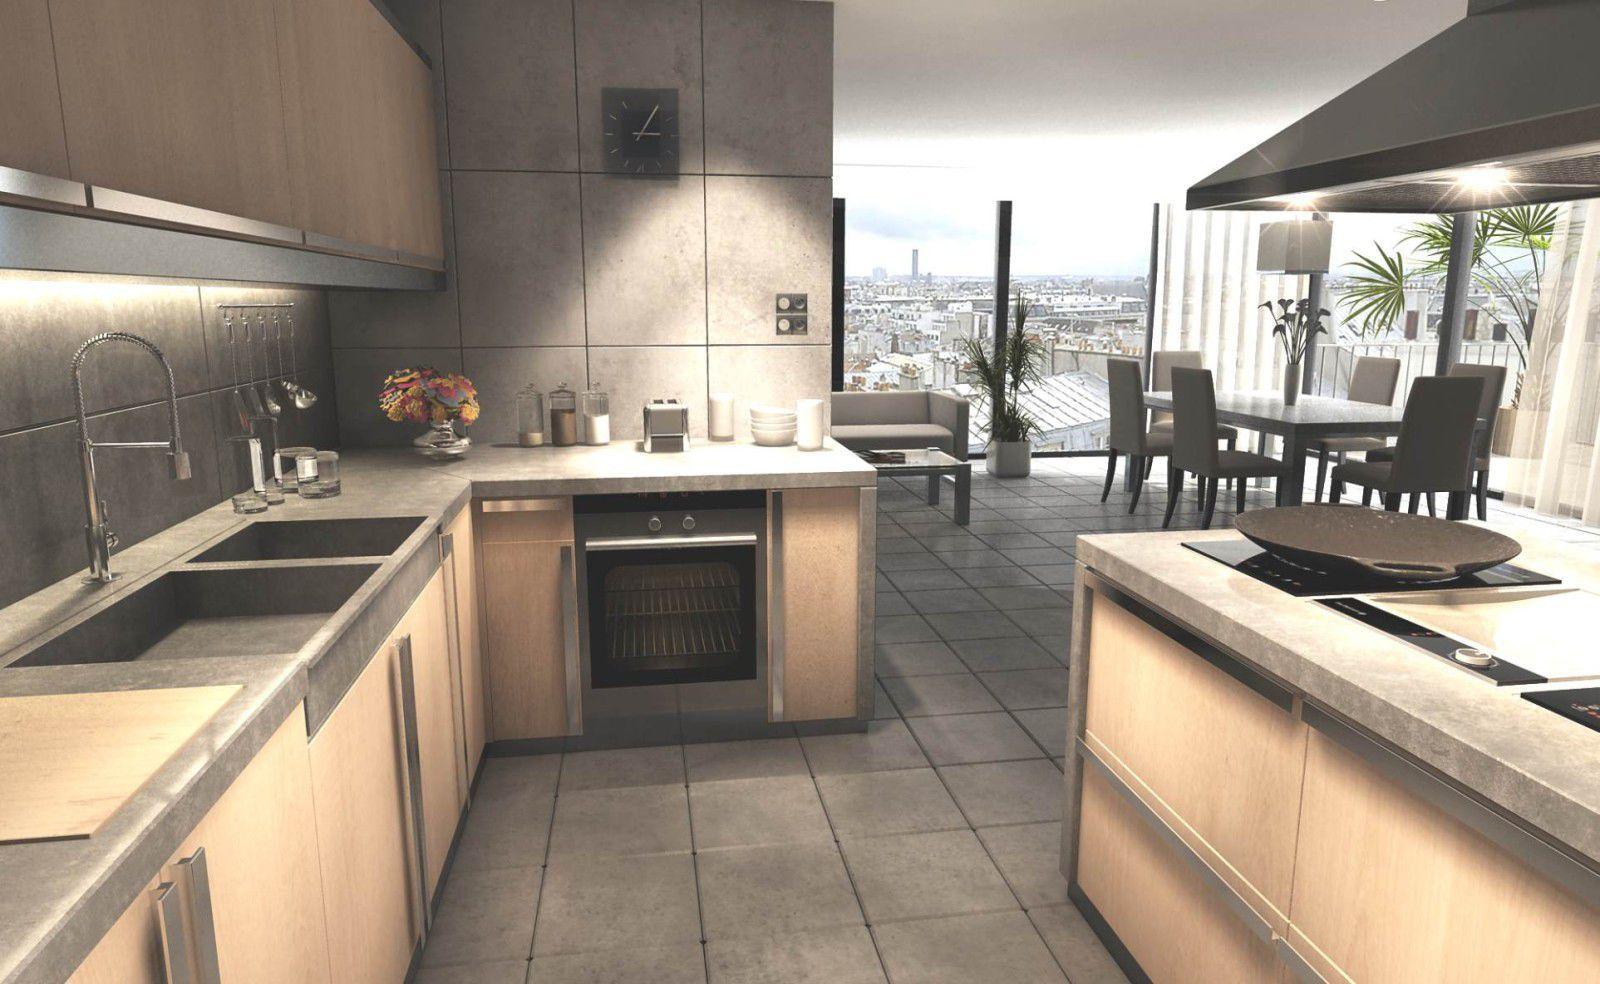 Plan de travail en béton bfuhp Ductal® / de cuisine - EPAISSEUR 5 ...